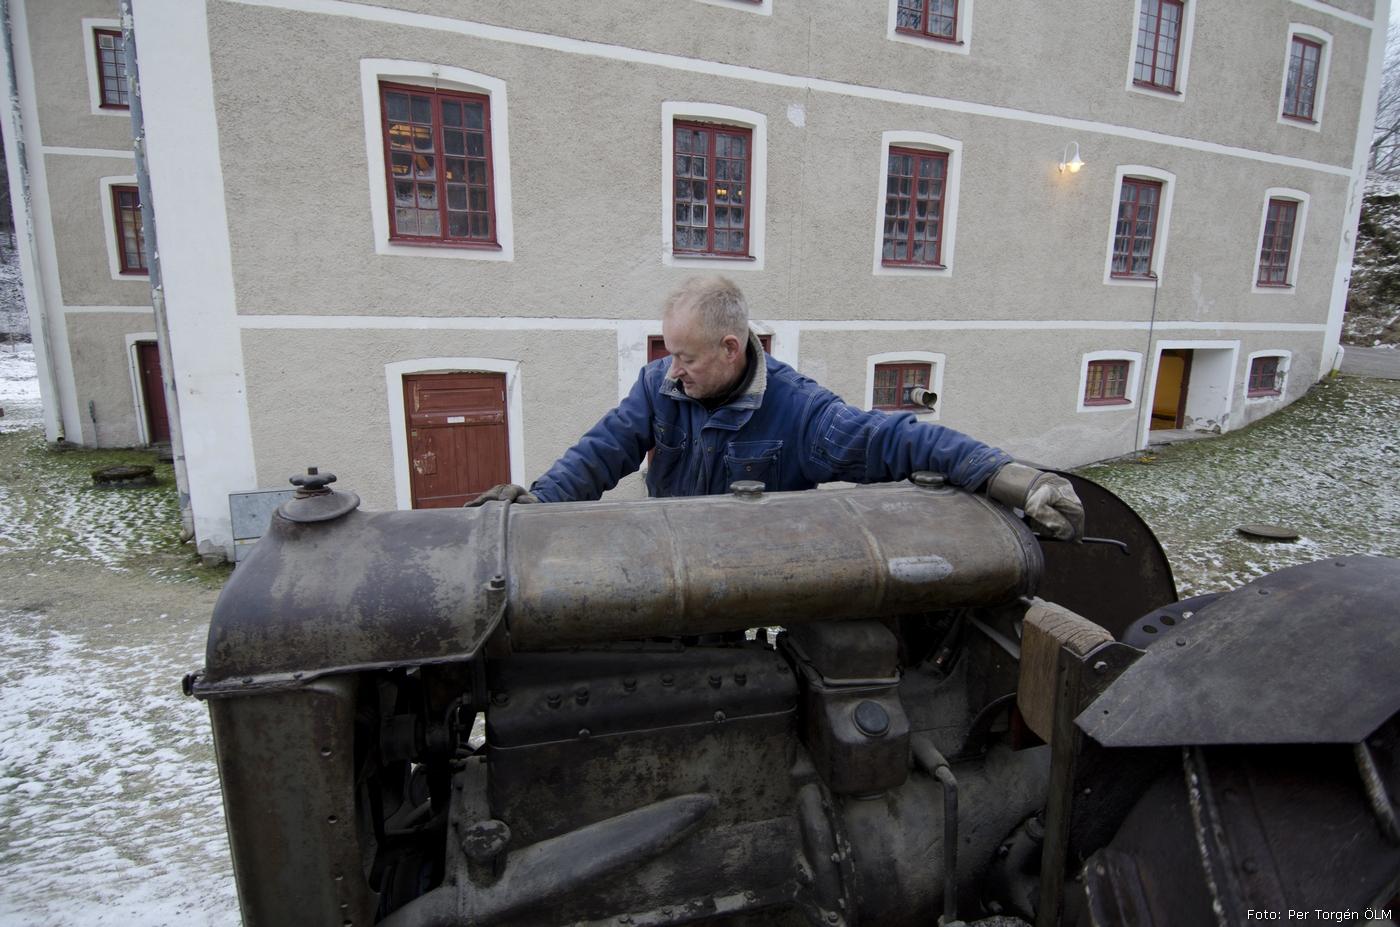 2012-02-10_043_Tekniska_kvarnen